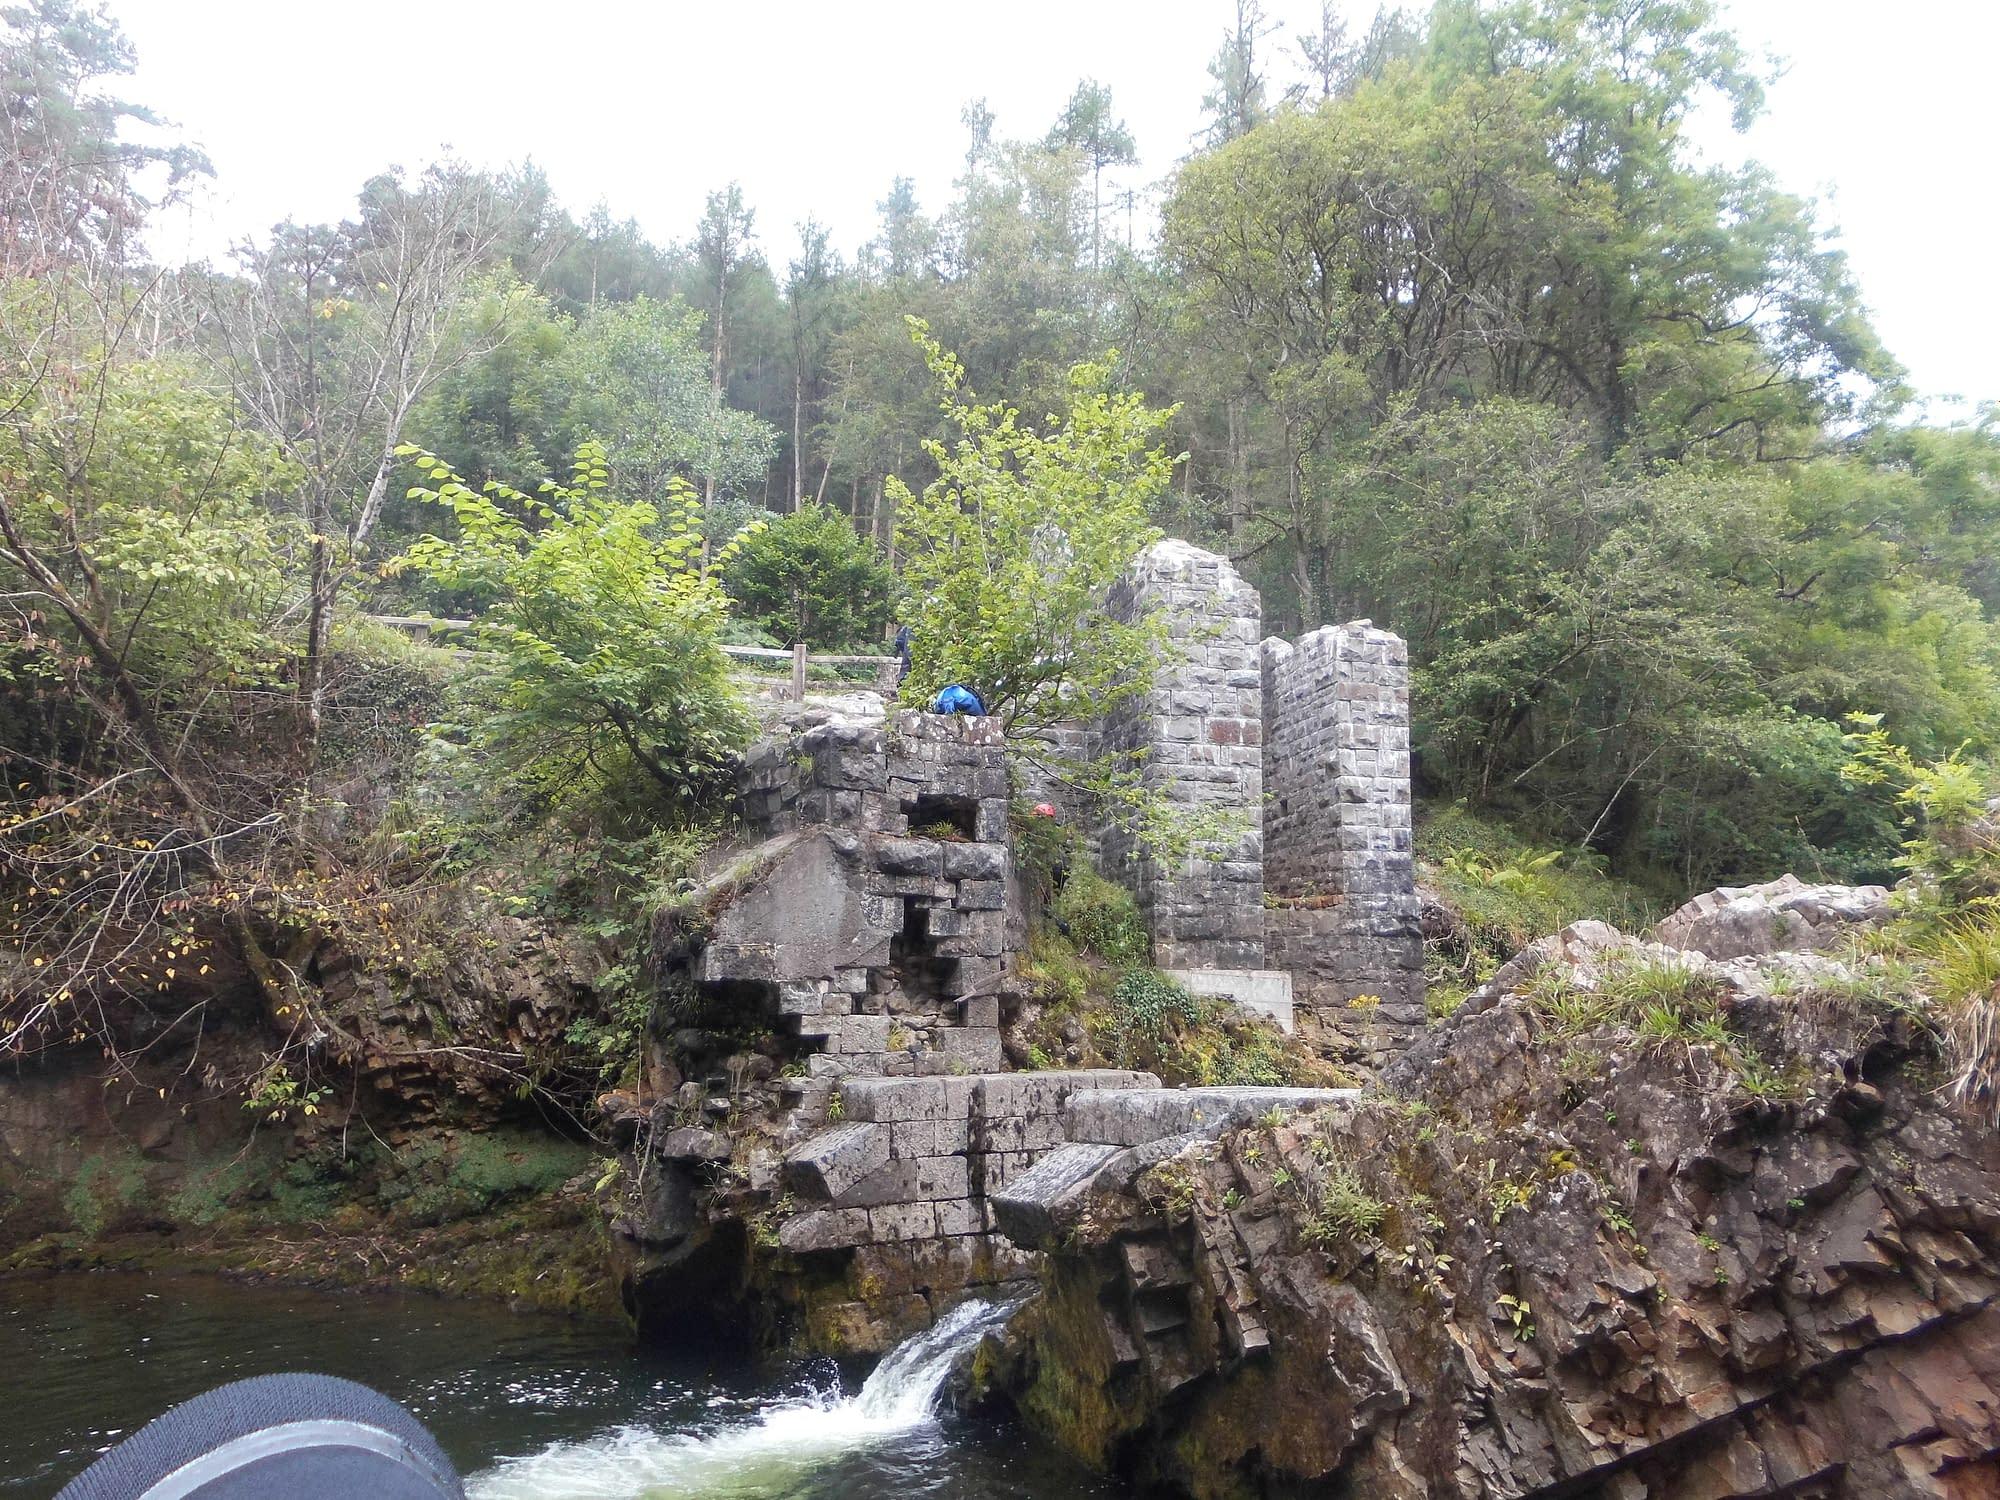 An old bridge on the River Sychryd (Afon Sychryd)